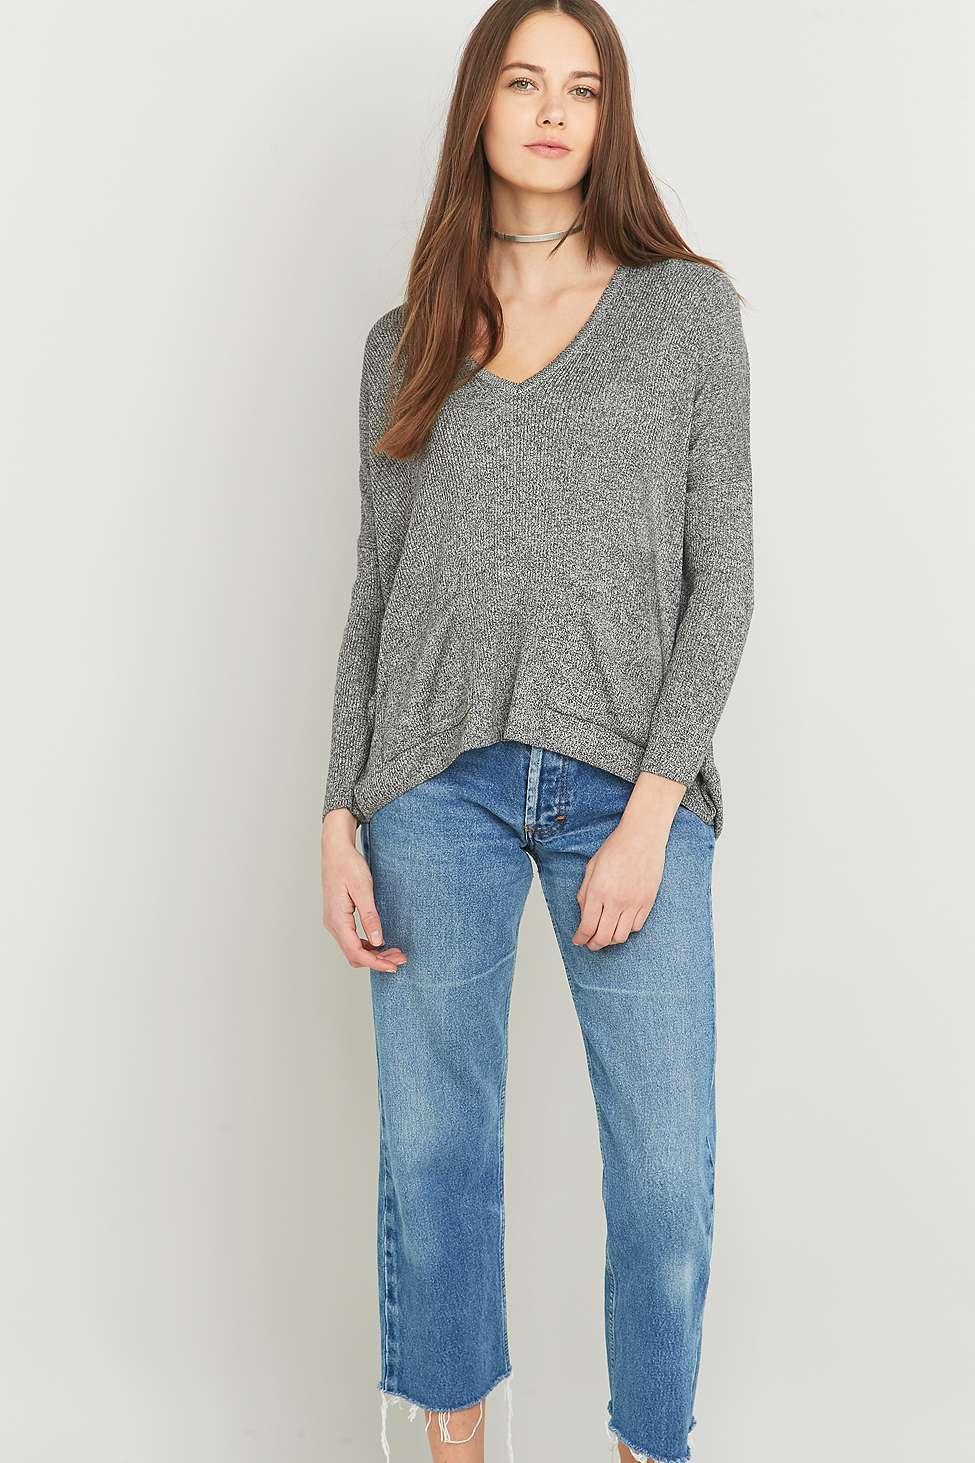 """BDG – Pullover """"Mia"""" in Grau mit Taschen 55 €"""